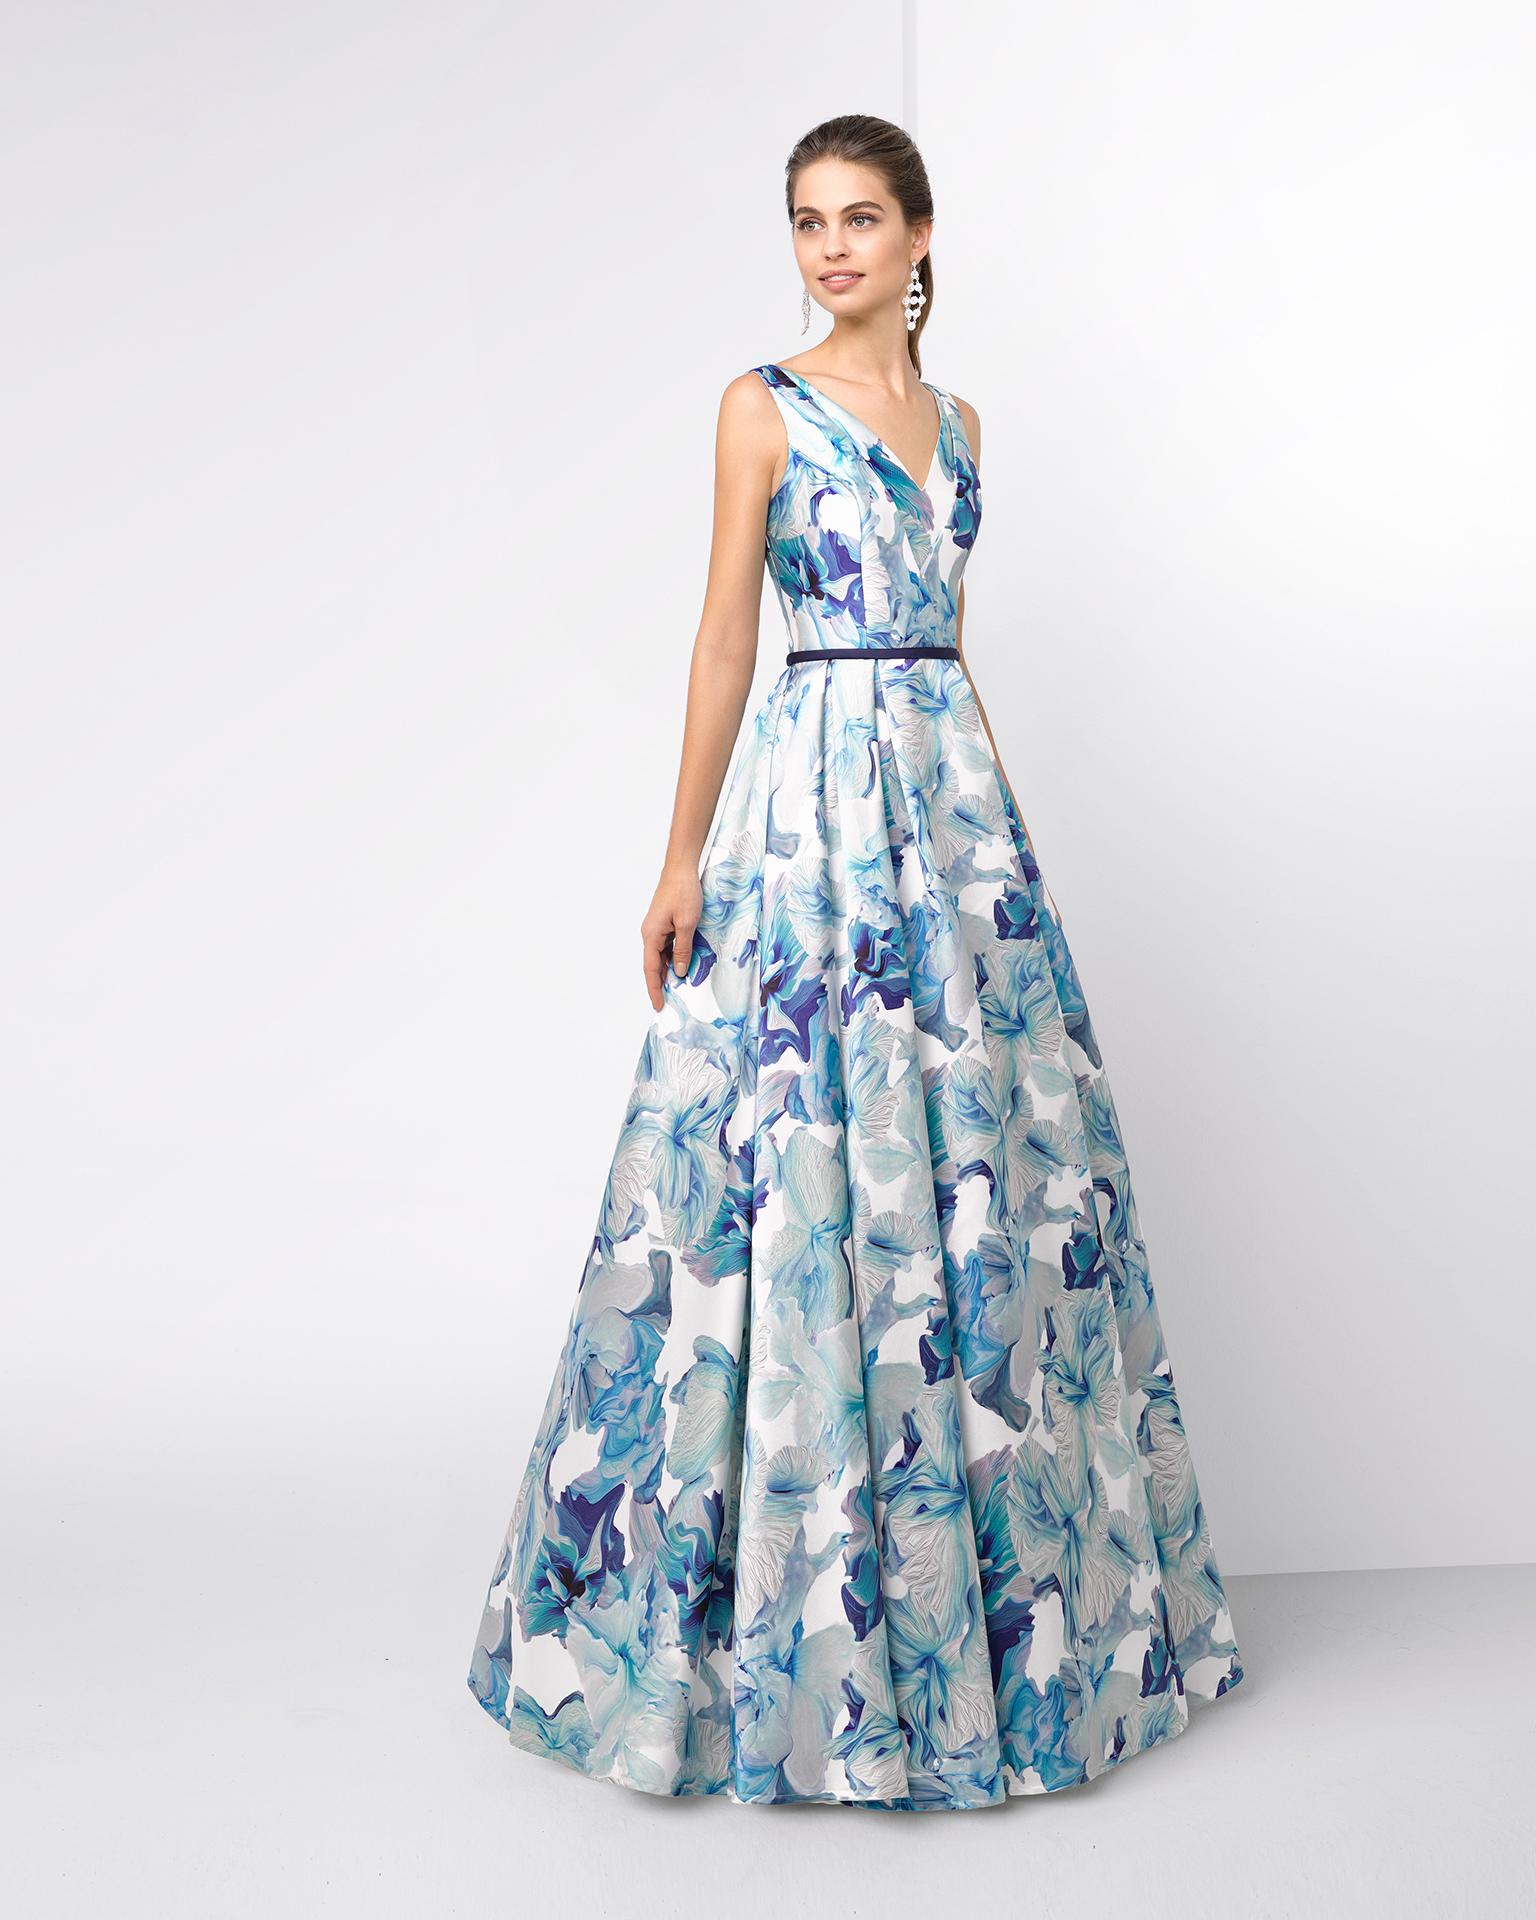 Vestido de Fiesta y Madrina Toledo: 925 22 81 81 | El Clavel